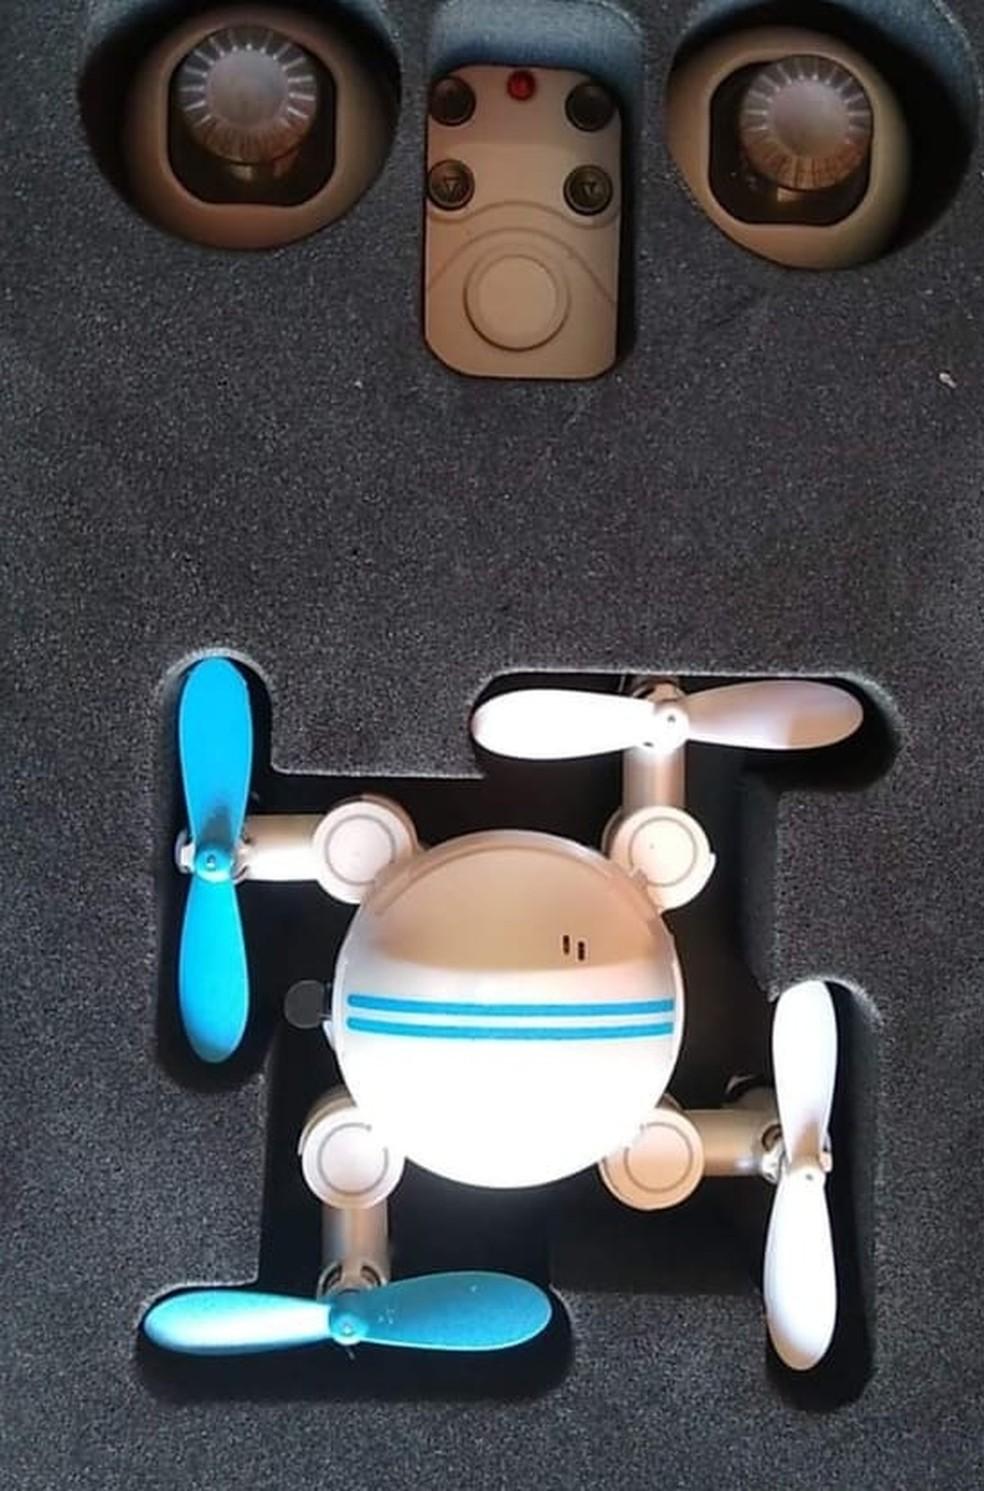 Garoto ganhou um mini drone do pai, que está trabalhando em Tabatinga, no Amazonas  — Foto: Andrezza Holanda/Arquivo pessoal